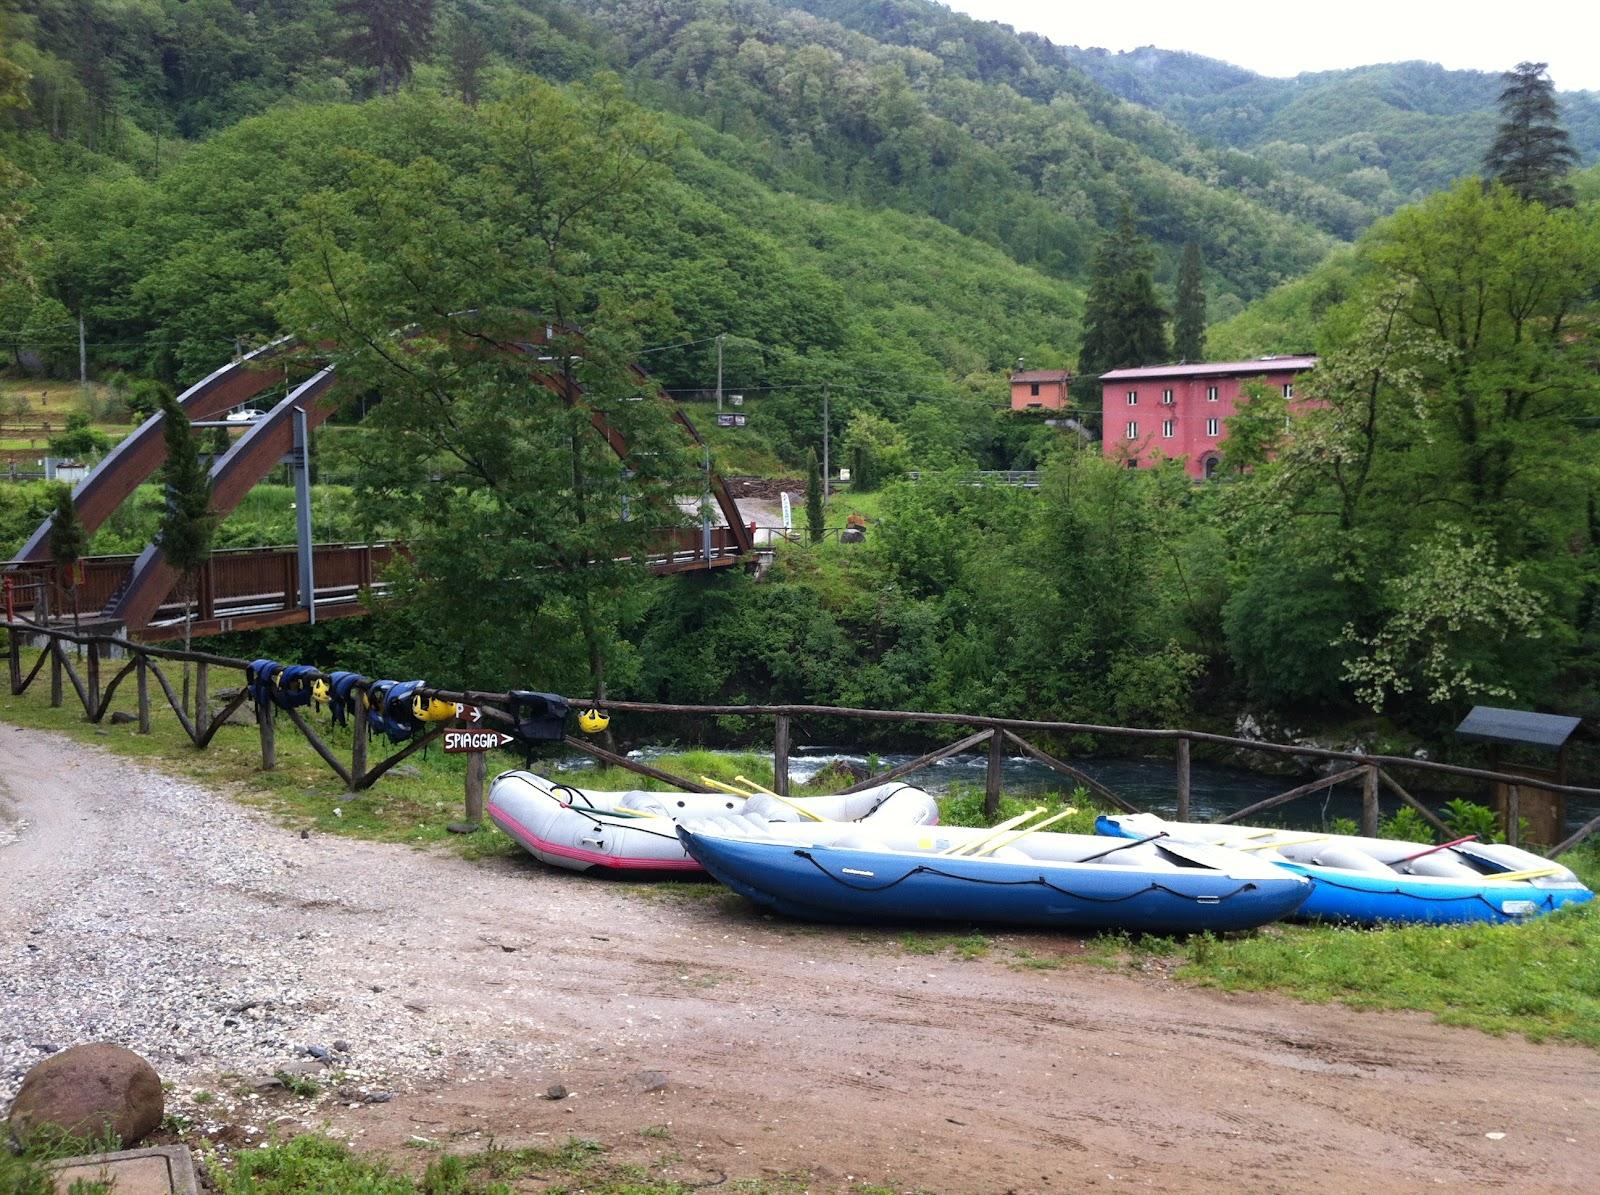 Rafting a bagni di lucca mercoled tutta la settimana - Rafting bagni di lucca ...